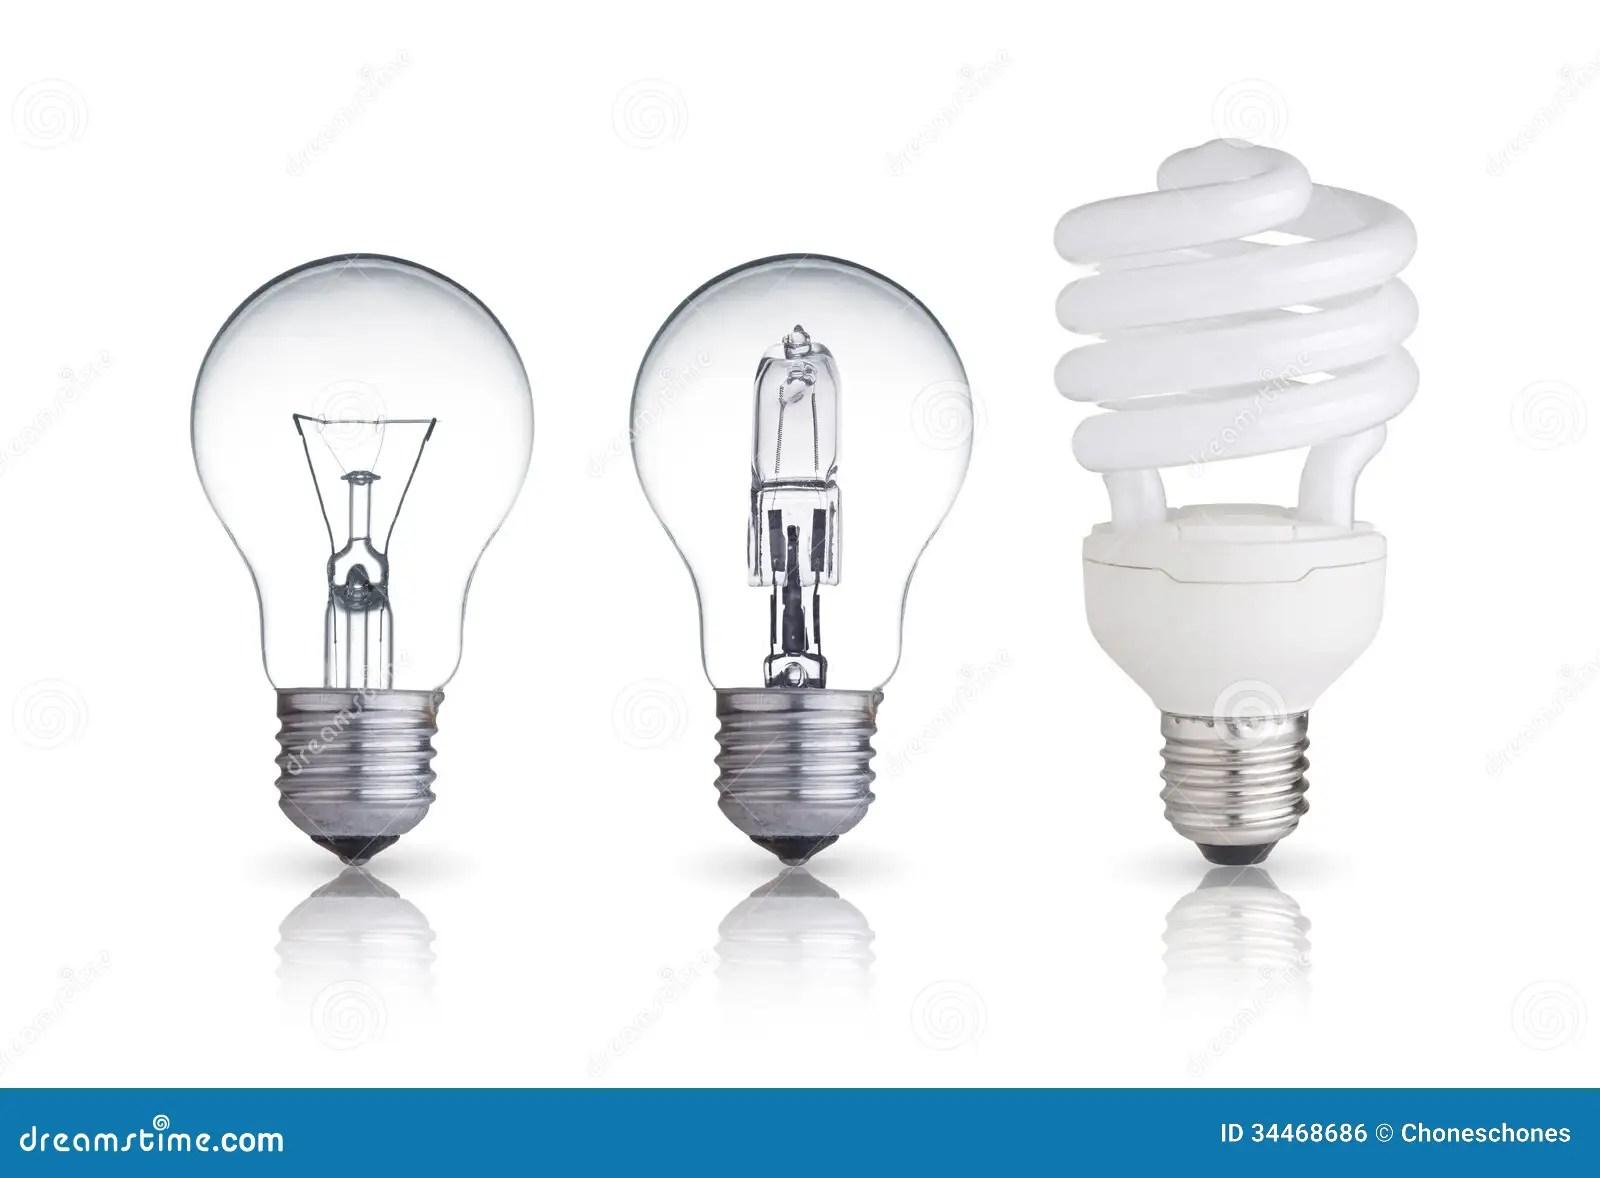 Colored Car Light Bulbs